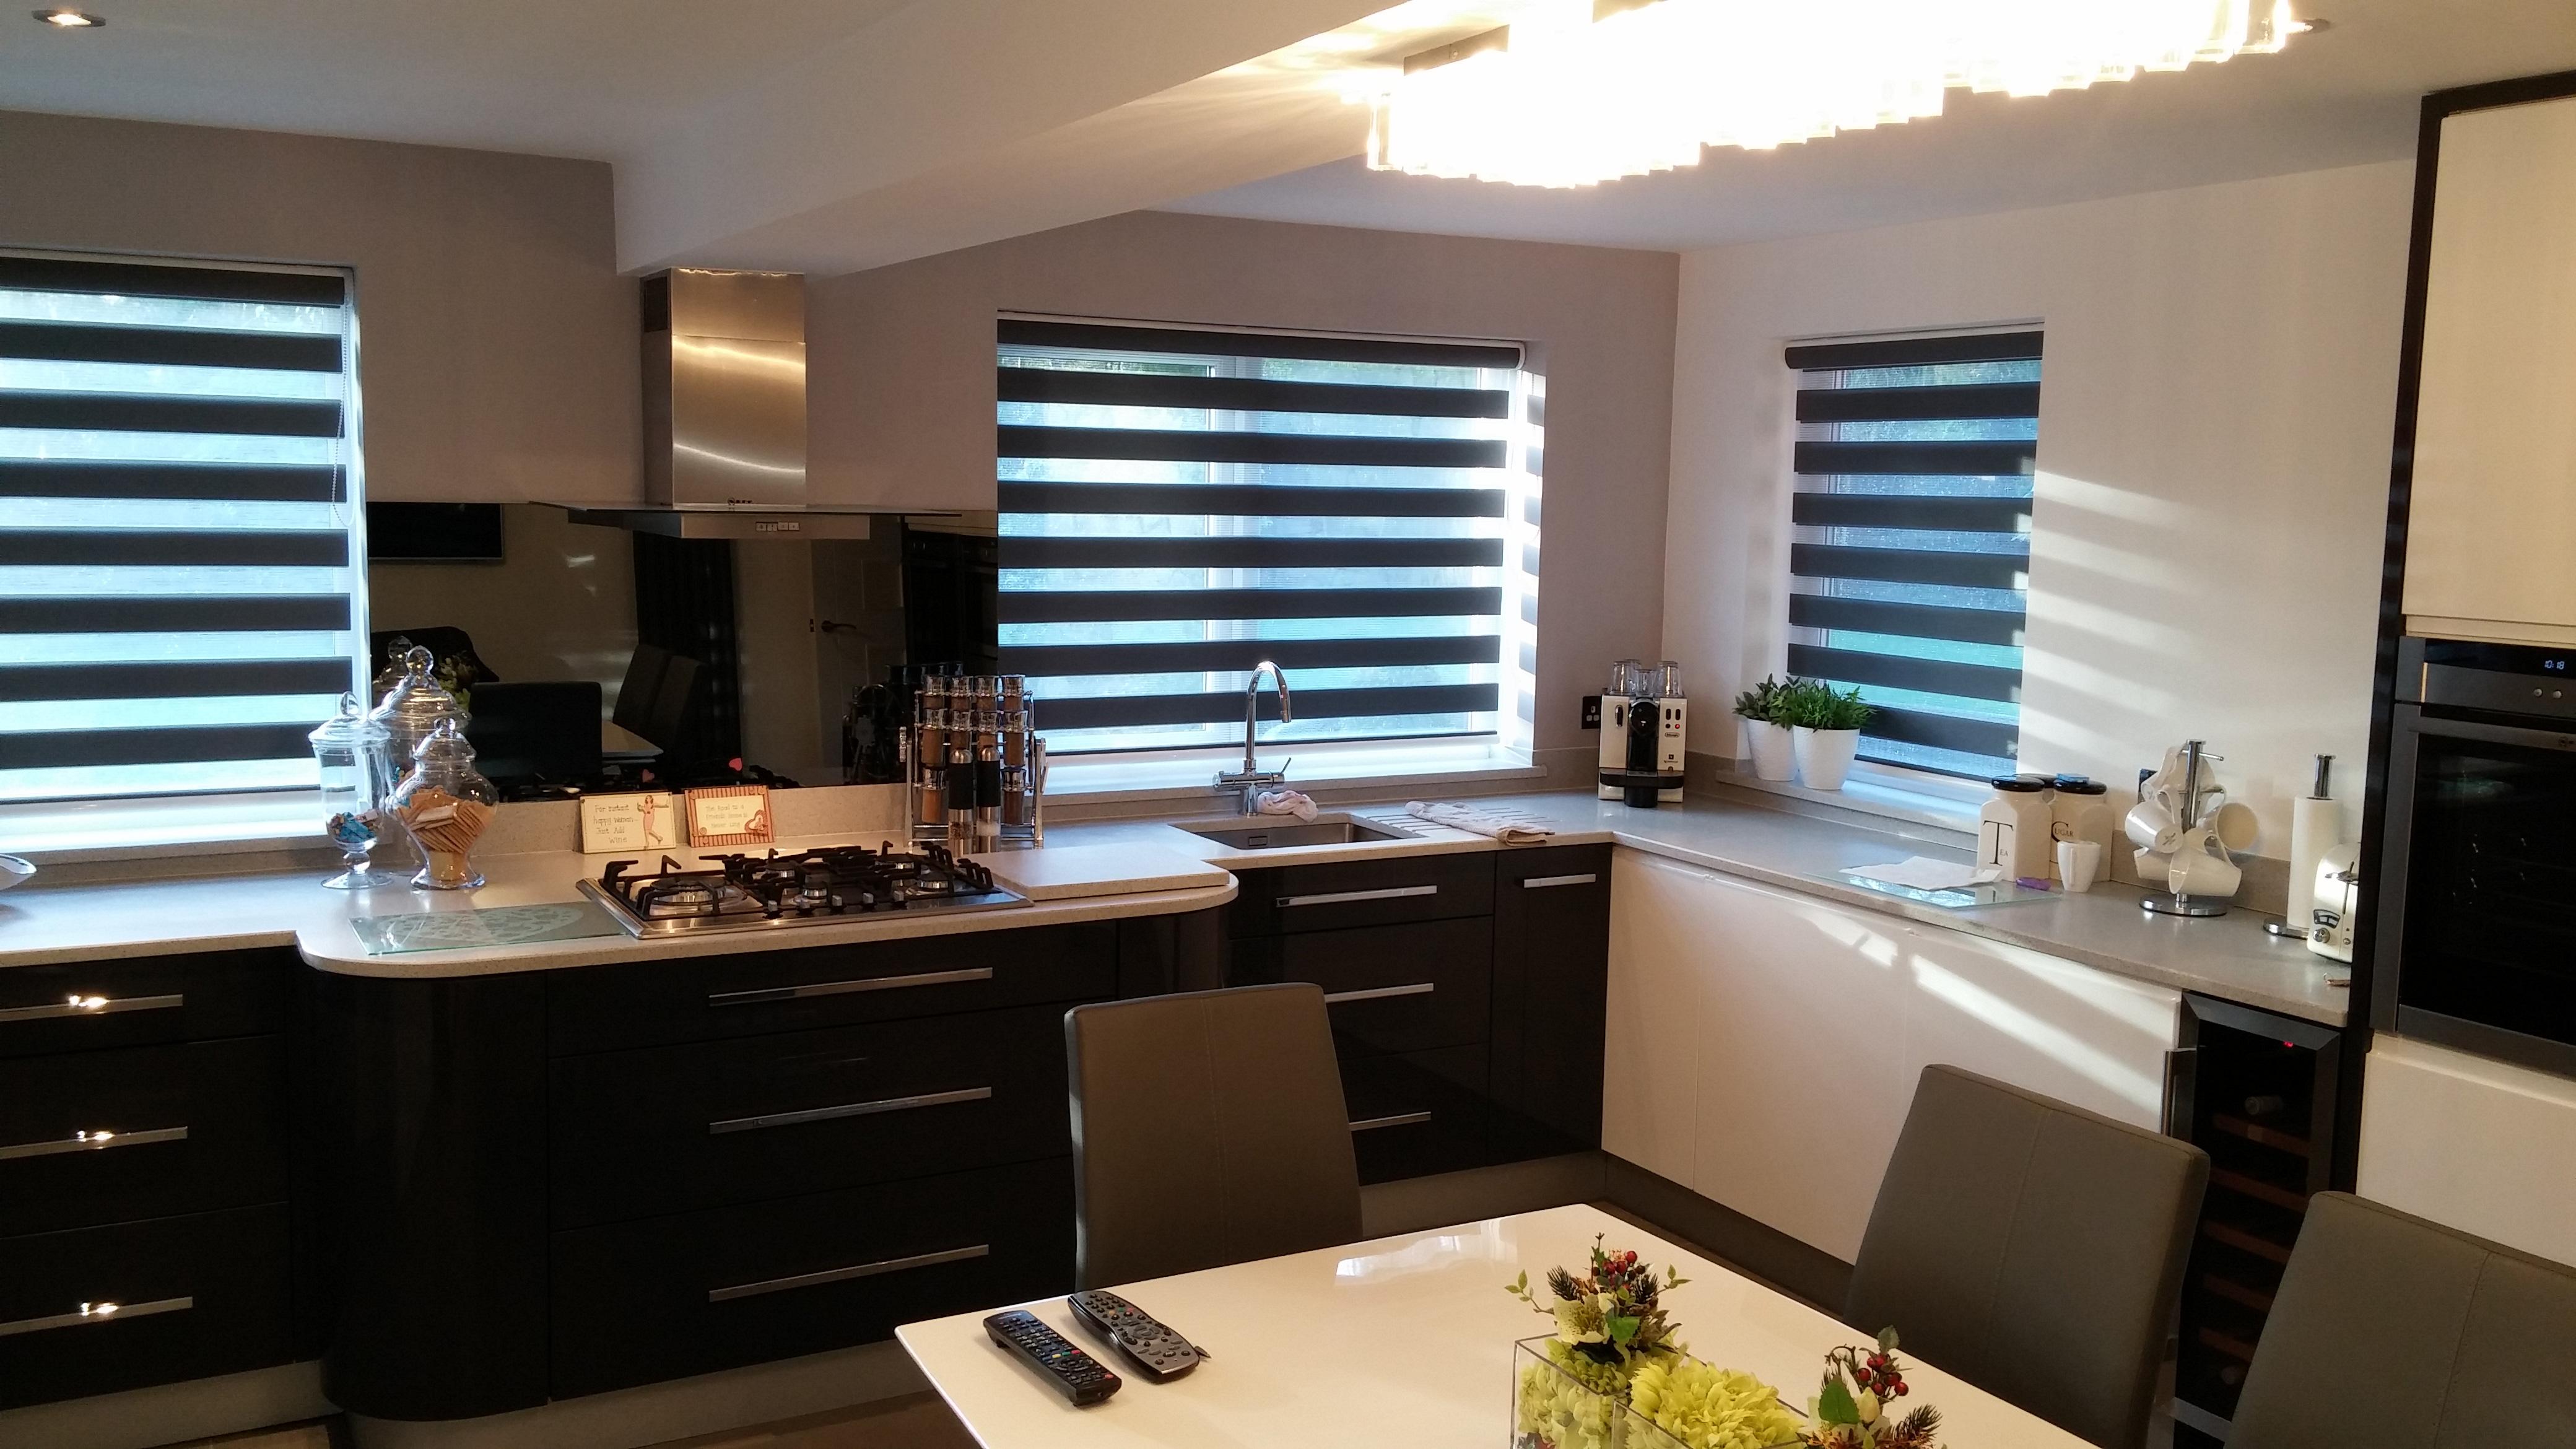 Kitchen Renovations & Design